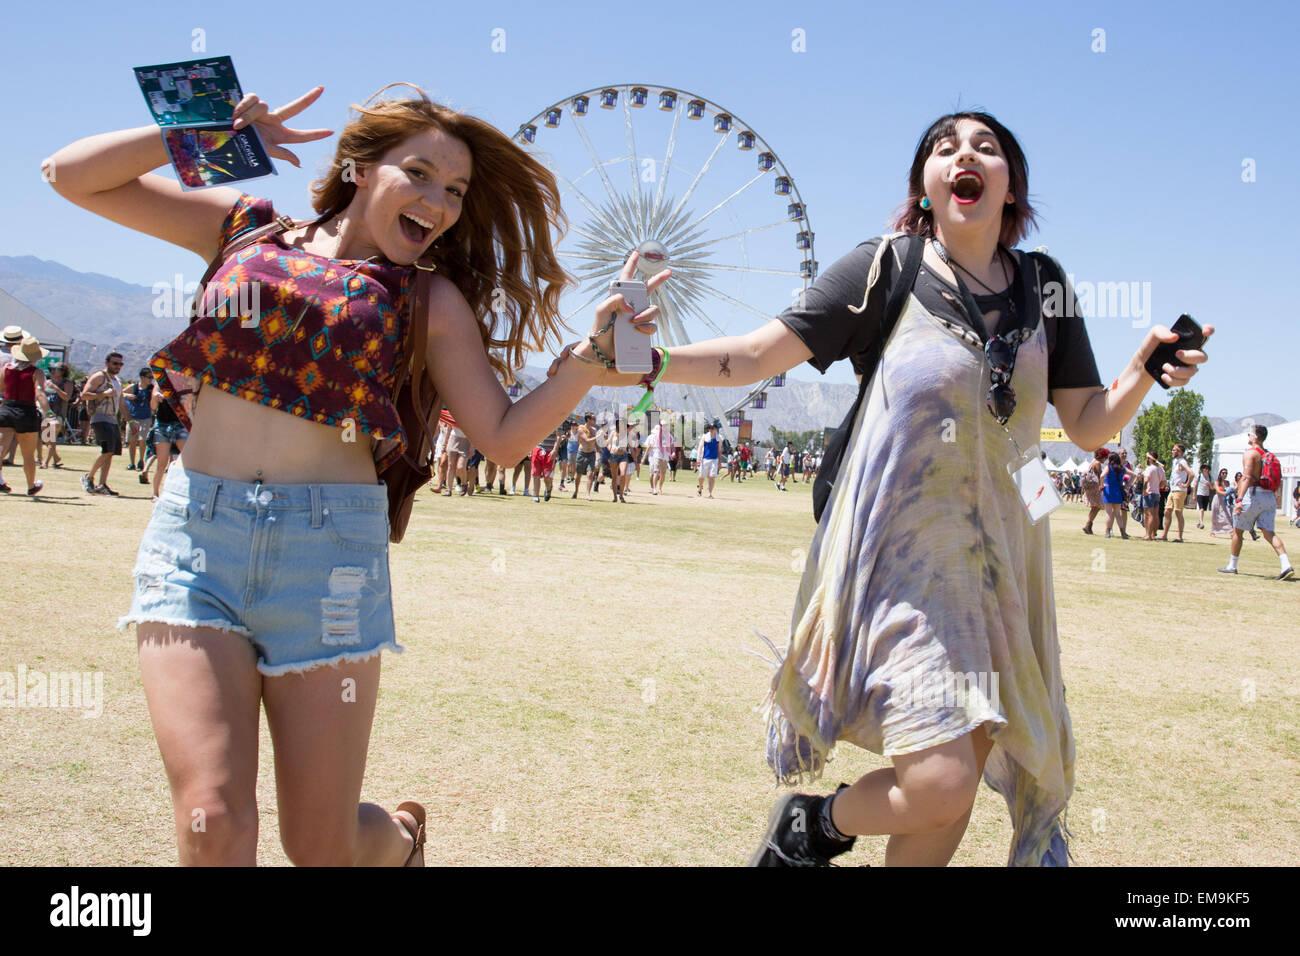 Indio, California, USA. Apr 17, 2015. Flux des fans sur le terrain pendant les trois jours de musique Coachella Photo Stock